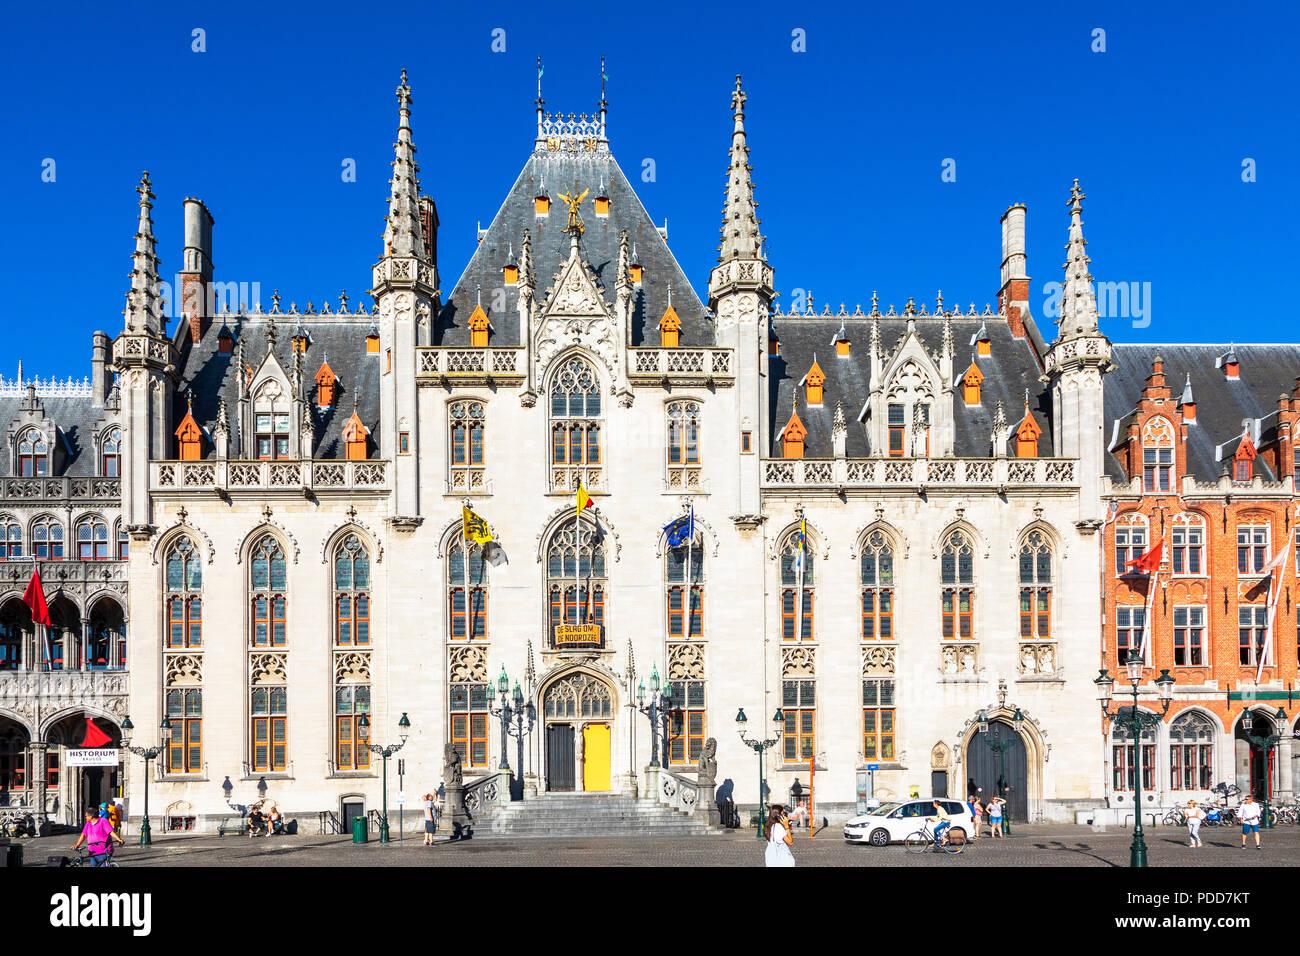 Provincial Court House, Place de Bruges, Bruges, Belgium - Stock Image